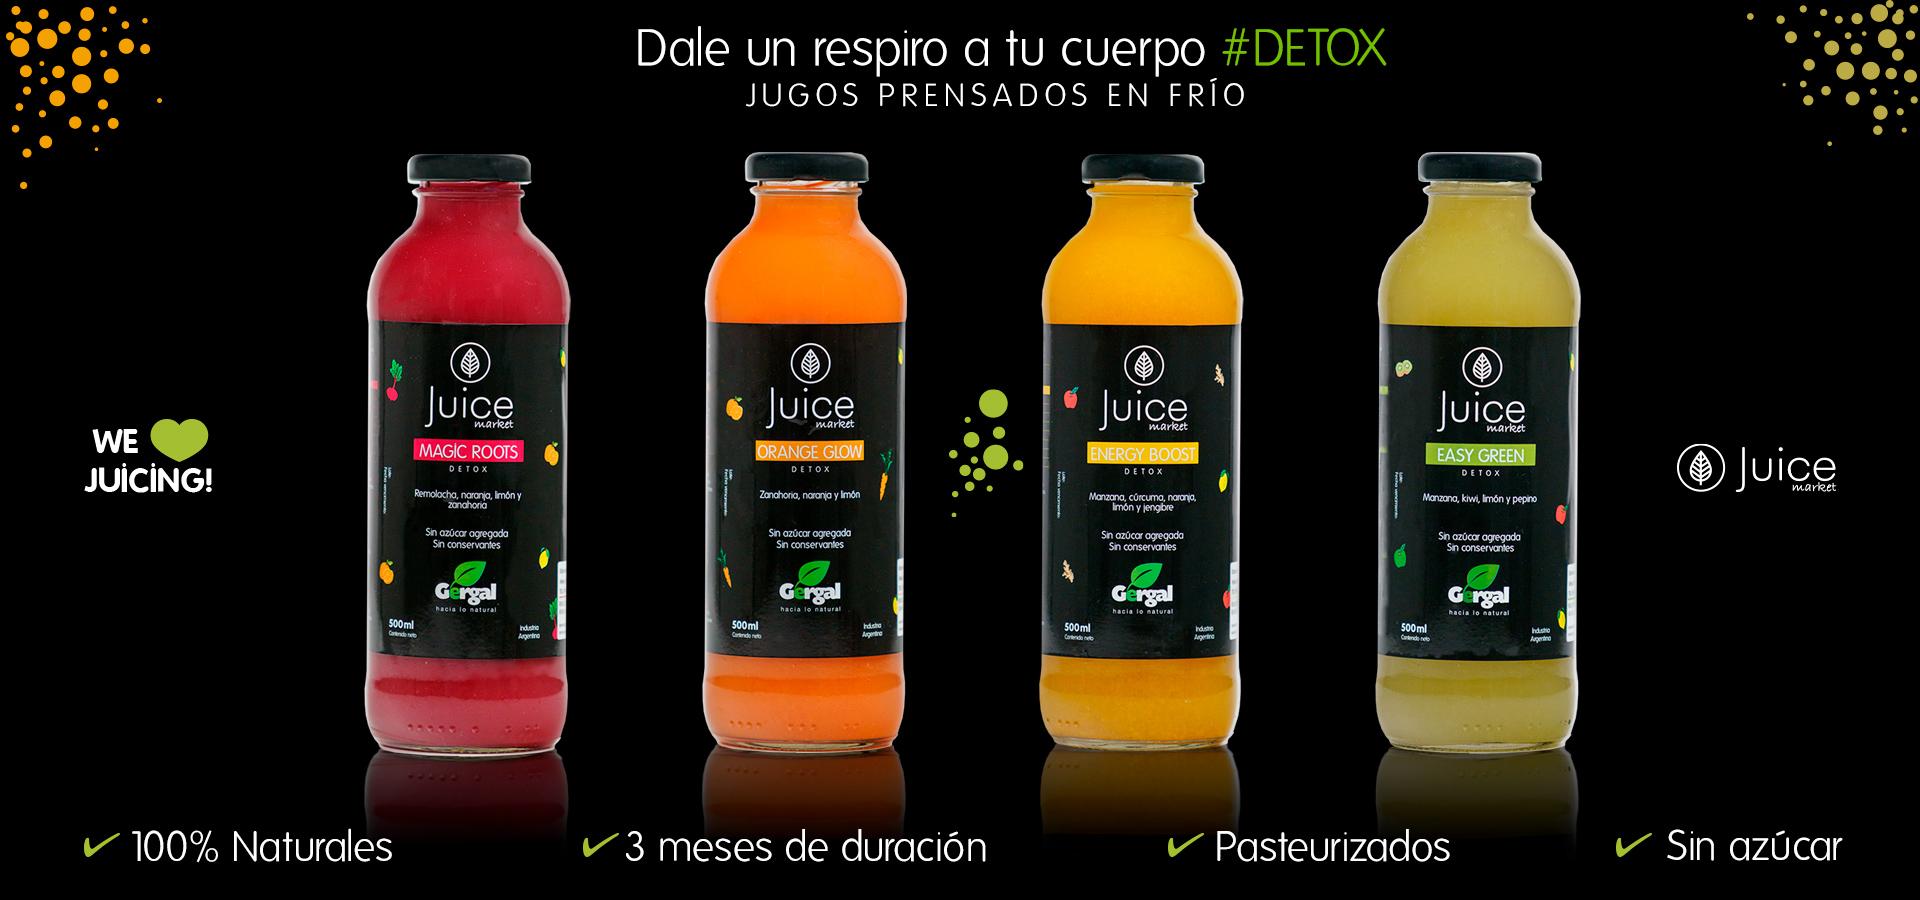 Diseño de imagen de marca y fotografía para Juice Market.